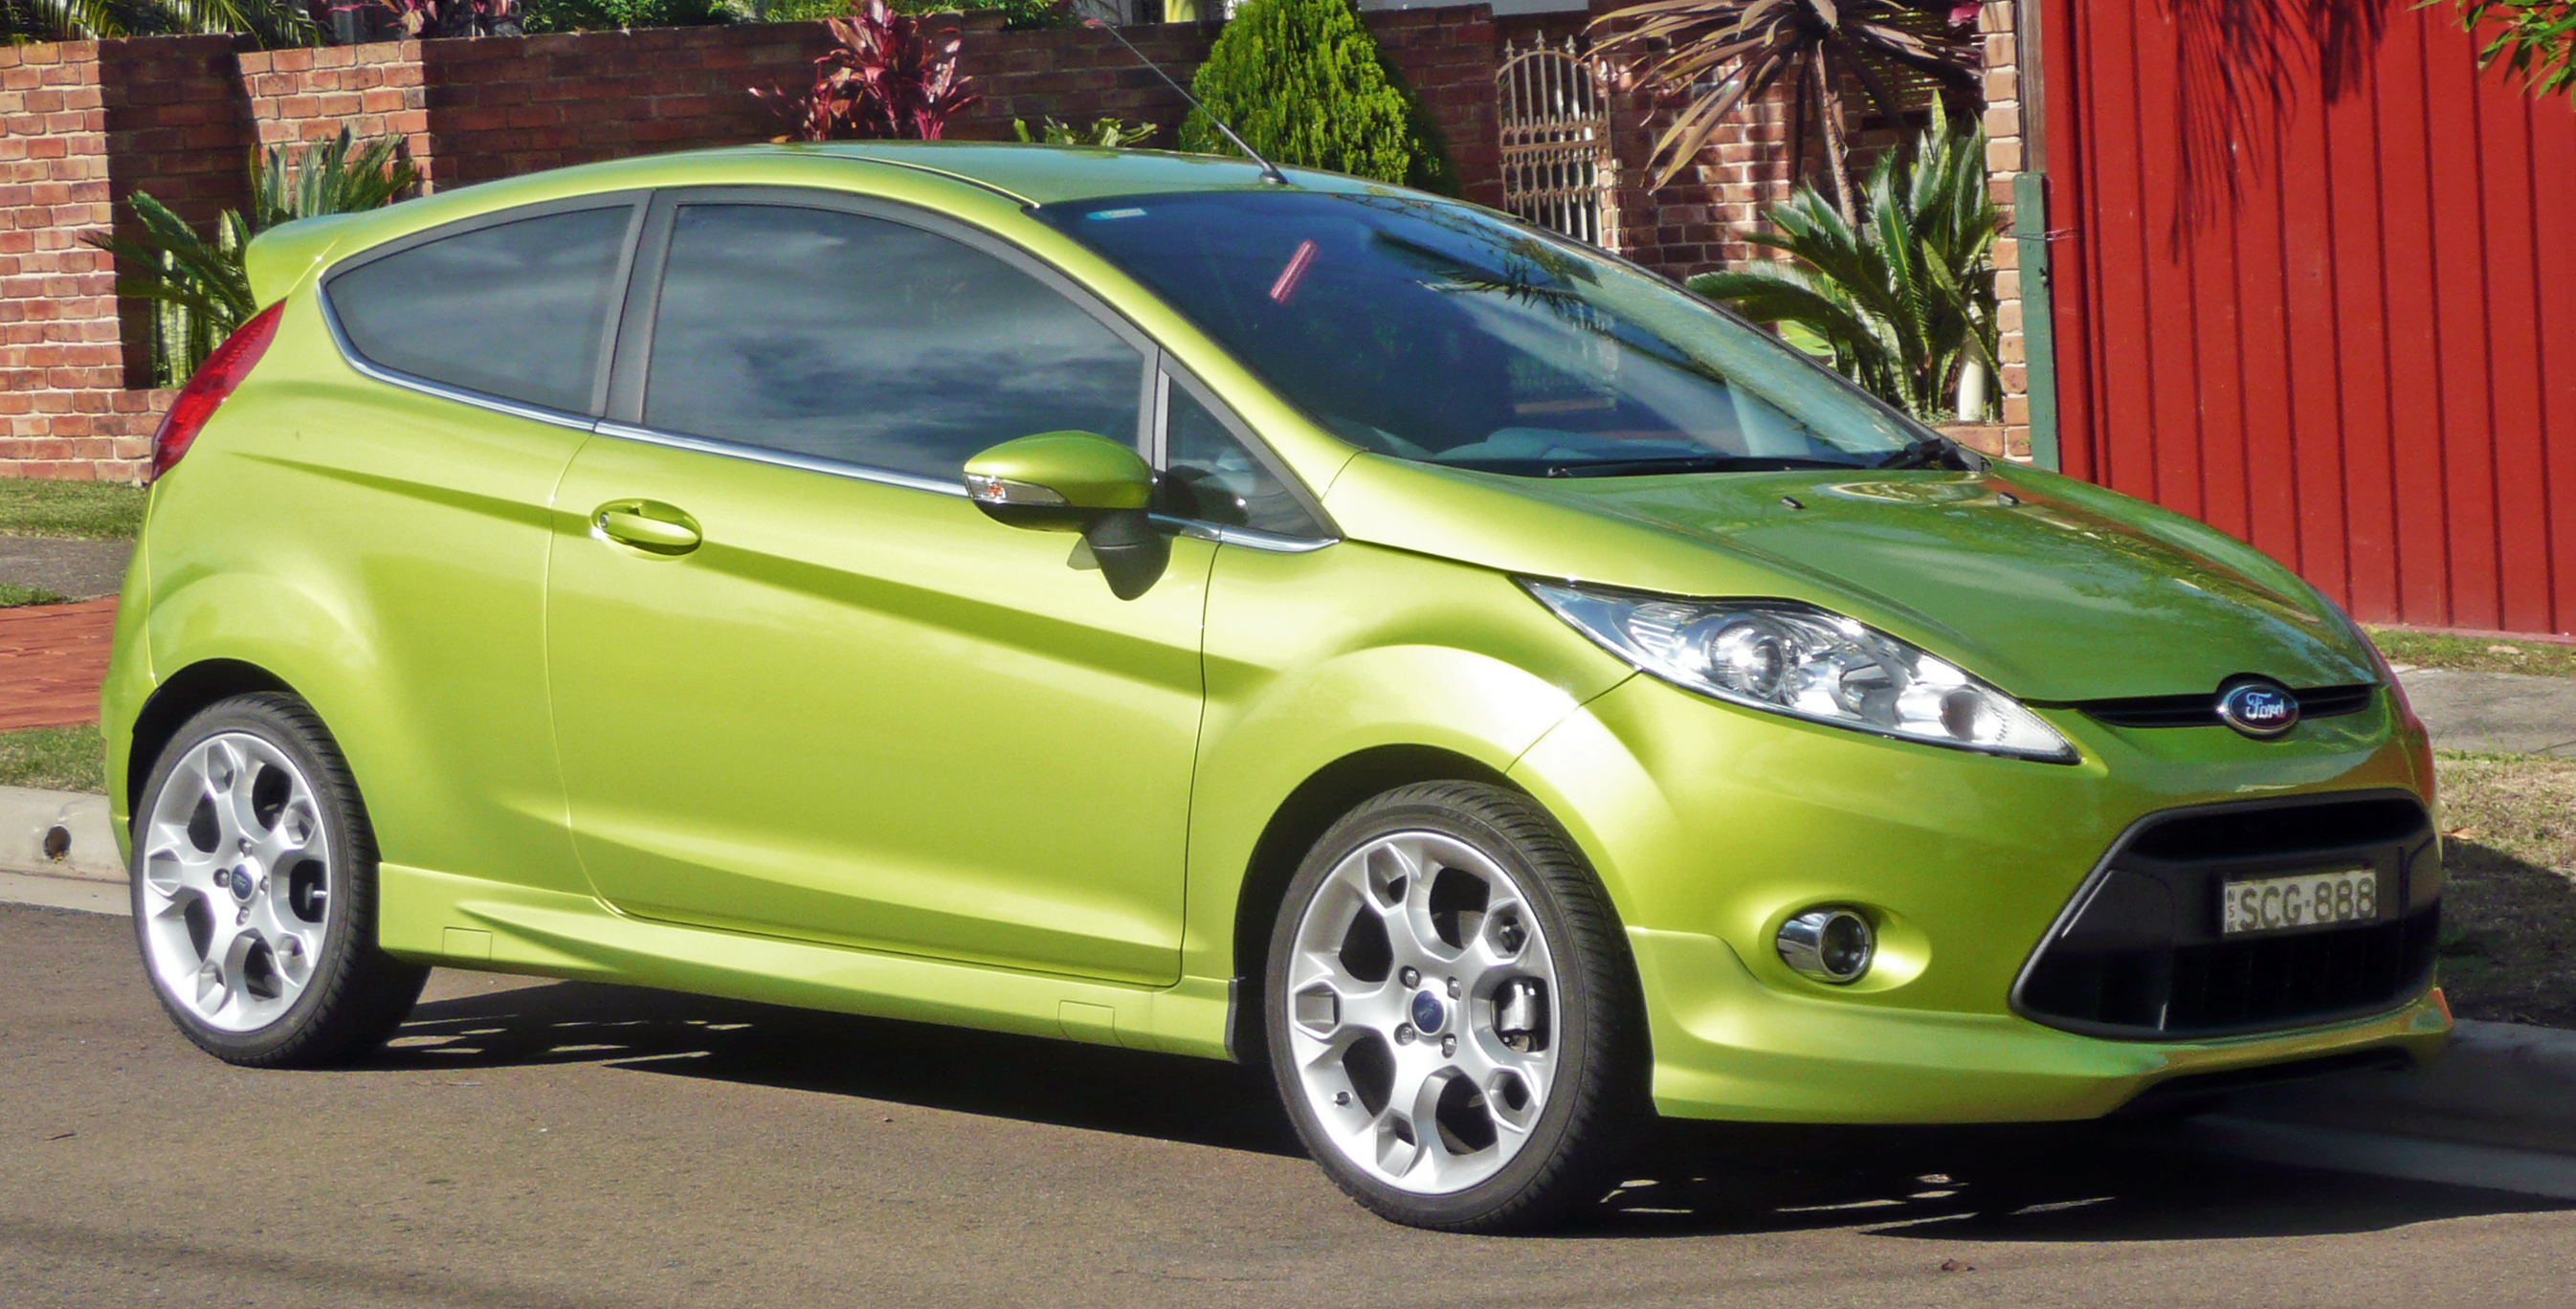 2009-2010_Ford_Fiesta_(WS)_Zetec_3-door_hatchback_01